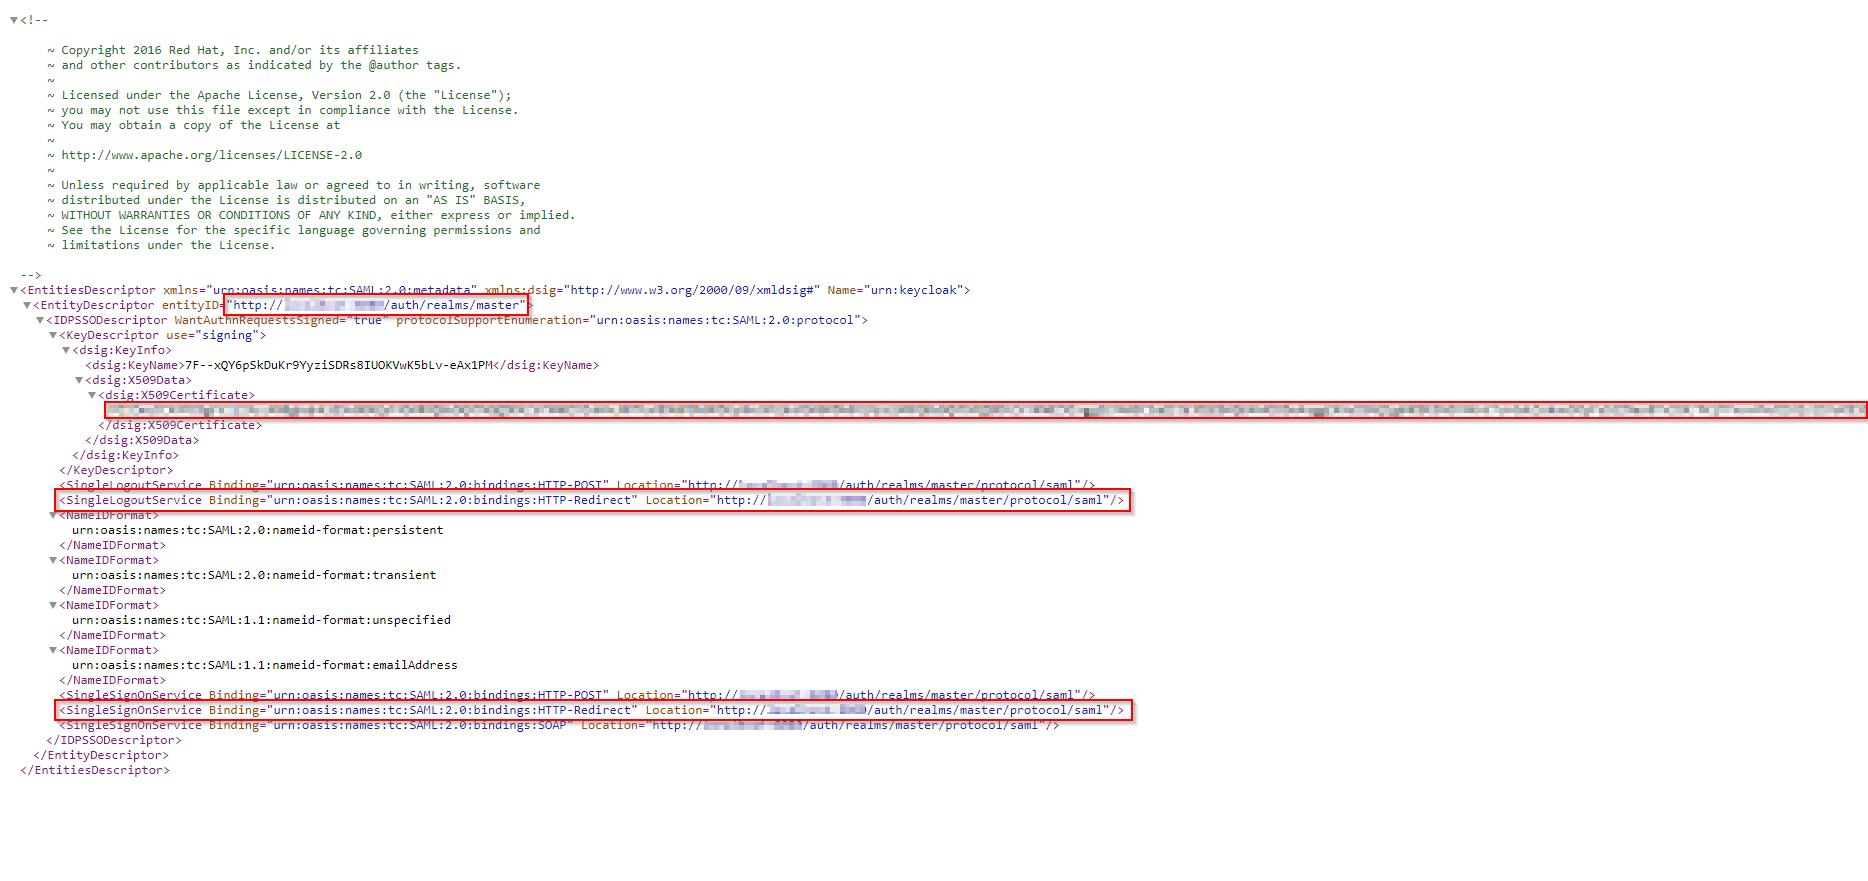 Jboss keycloak XML browser